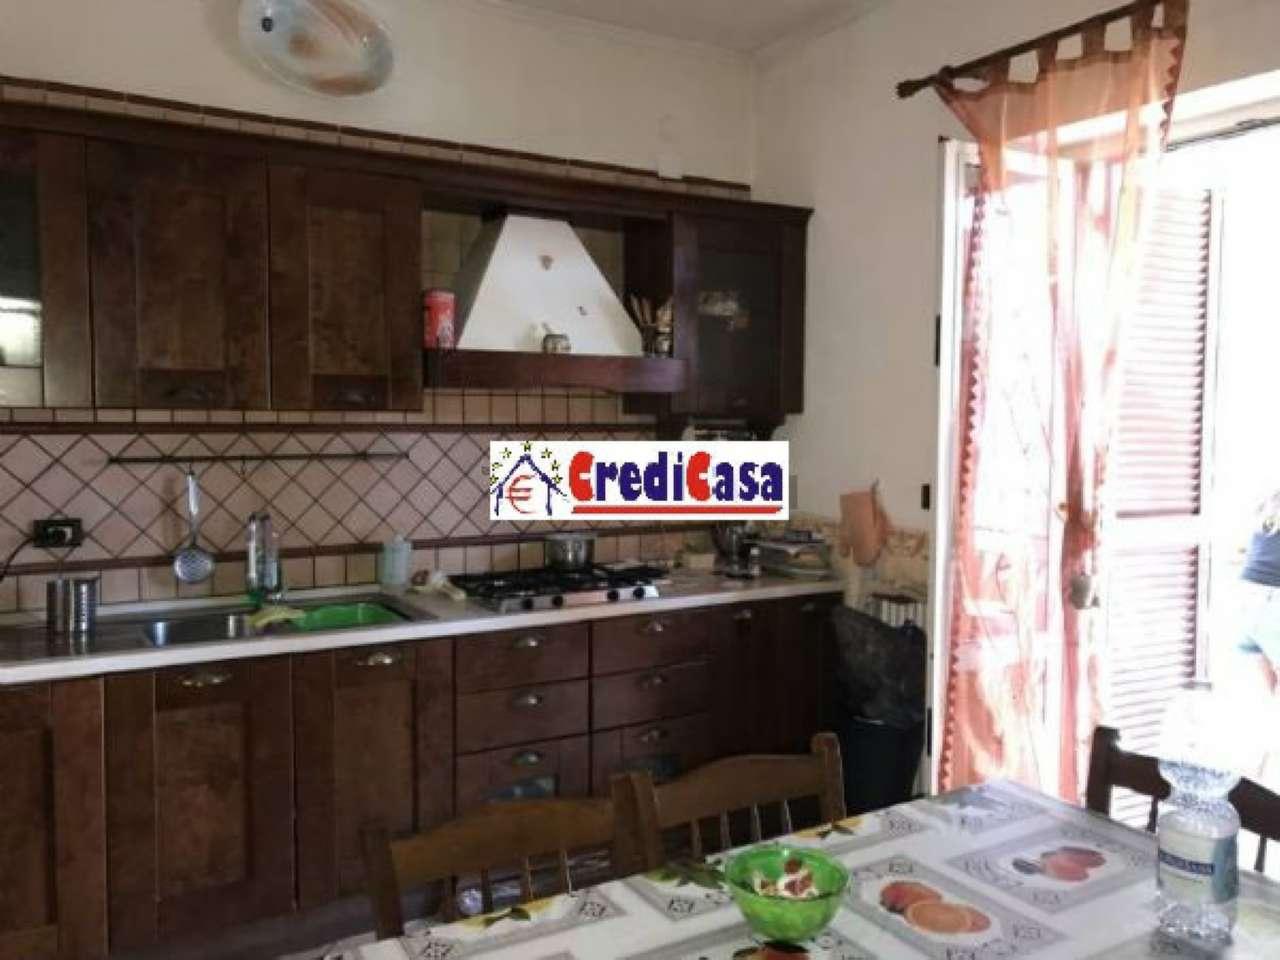 Appartamento in vendita a Giugliano in Campania, 4 locali, prezzo € 135.000 | CambioCasa.it